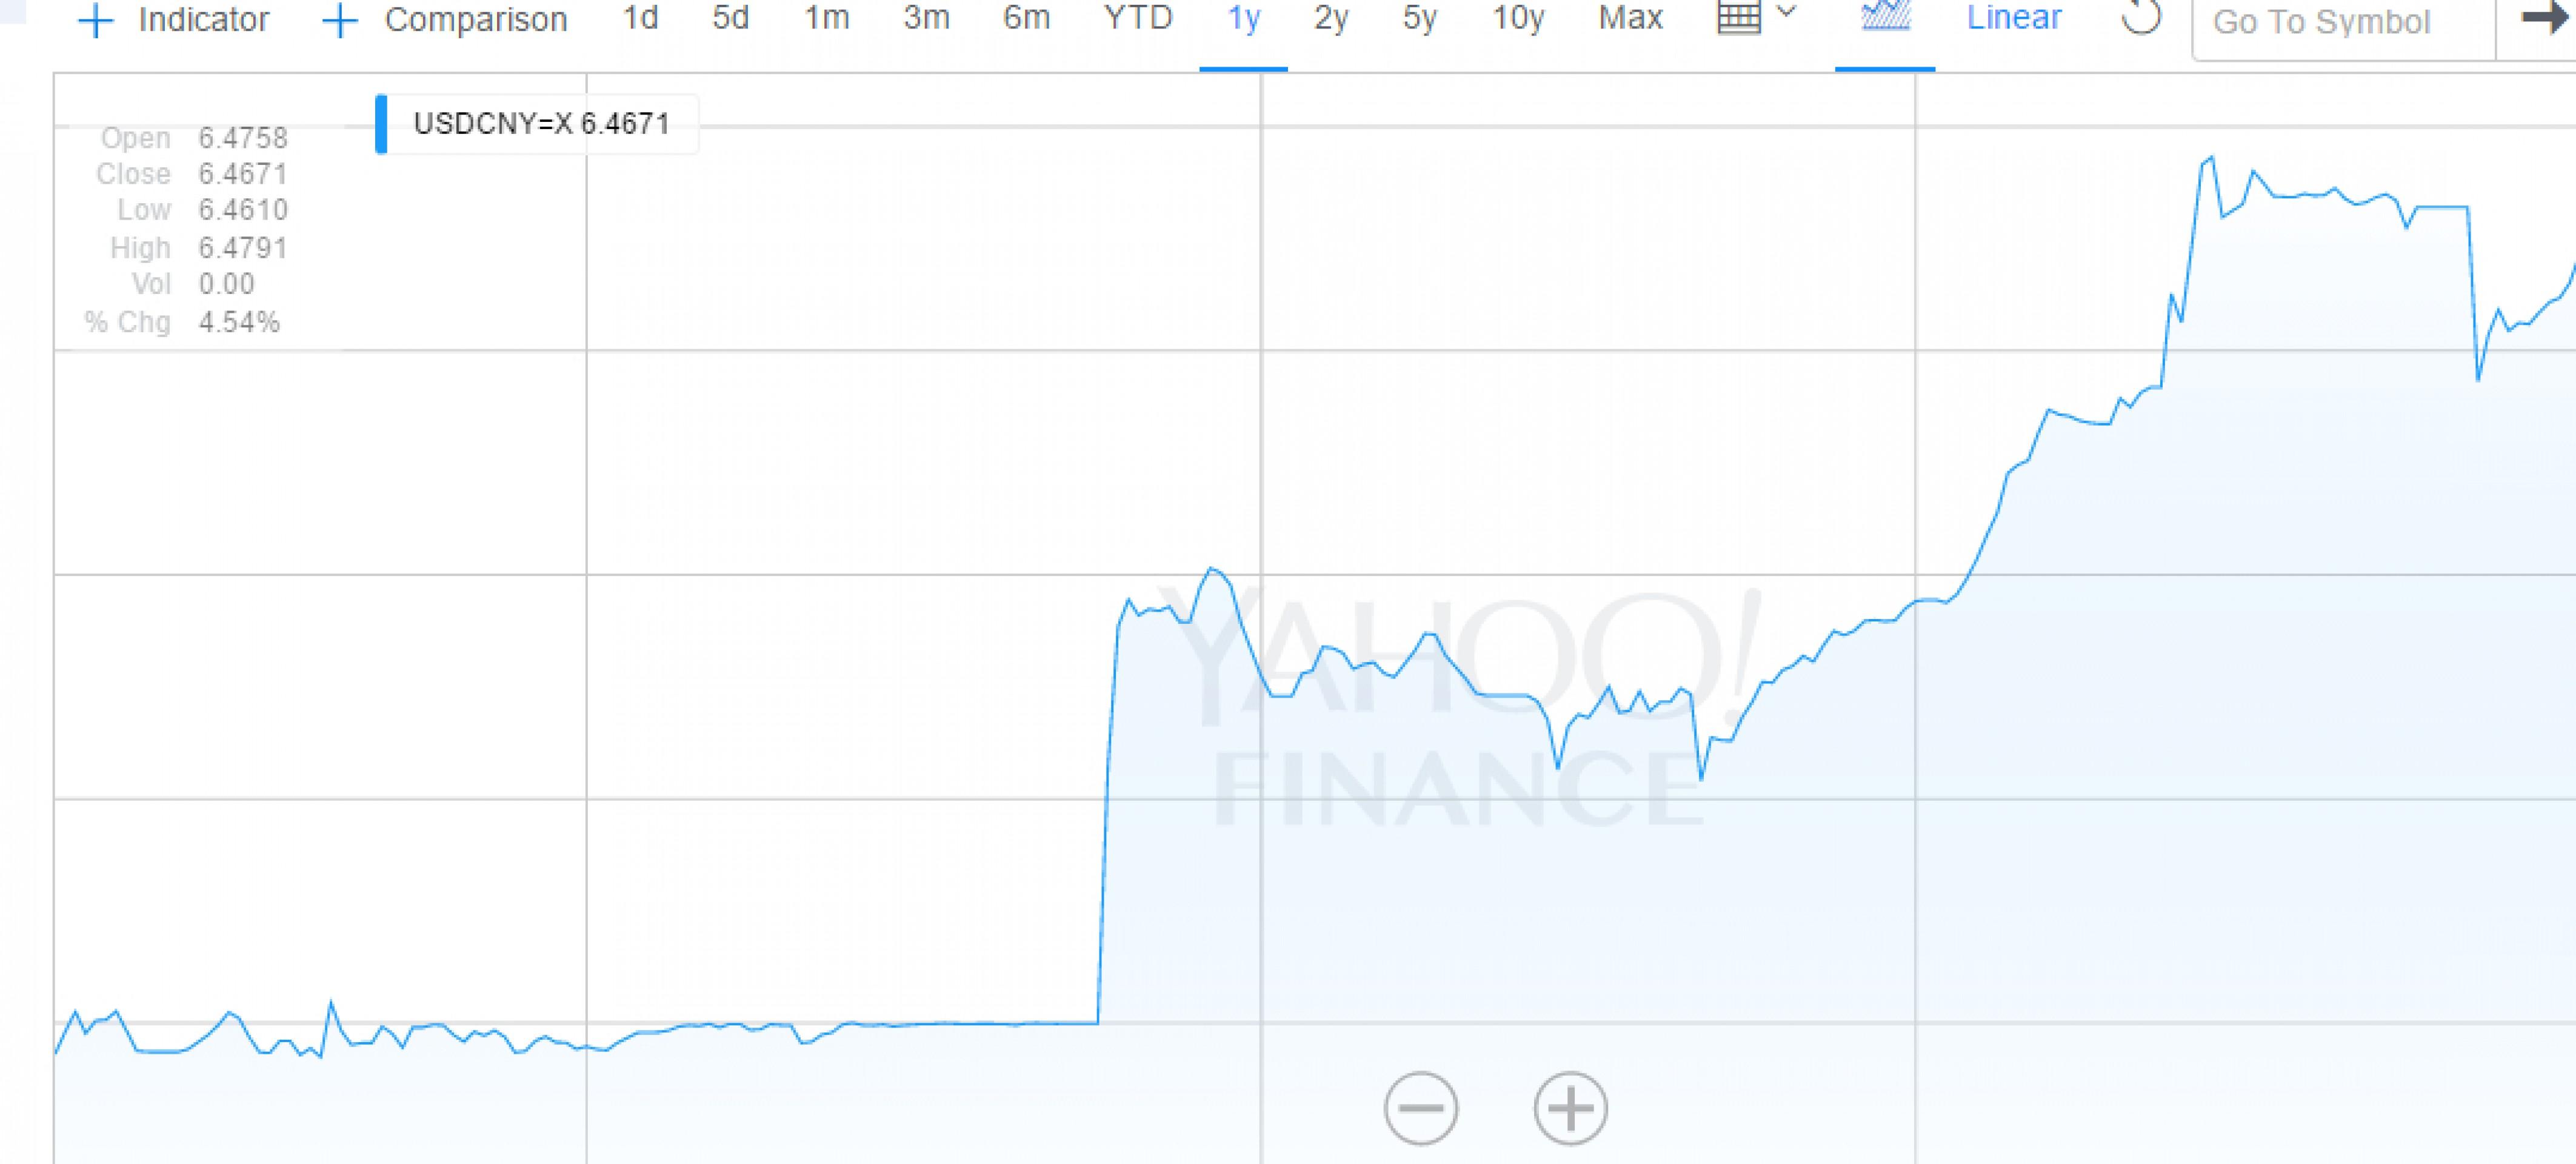 Юань показал максимальный рост с ноября 2015 года